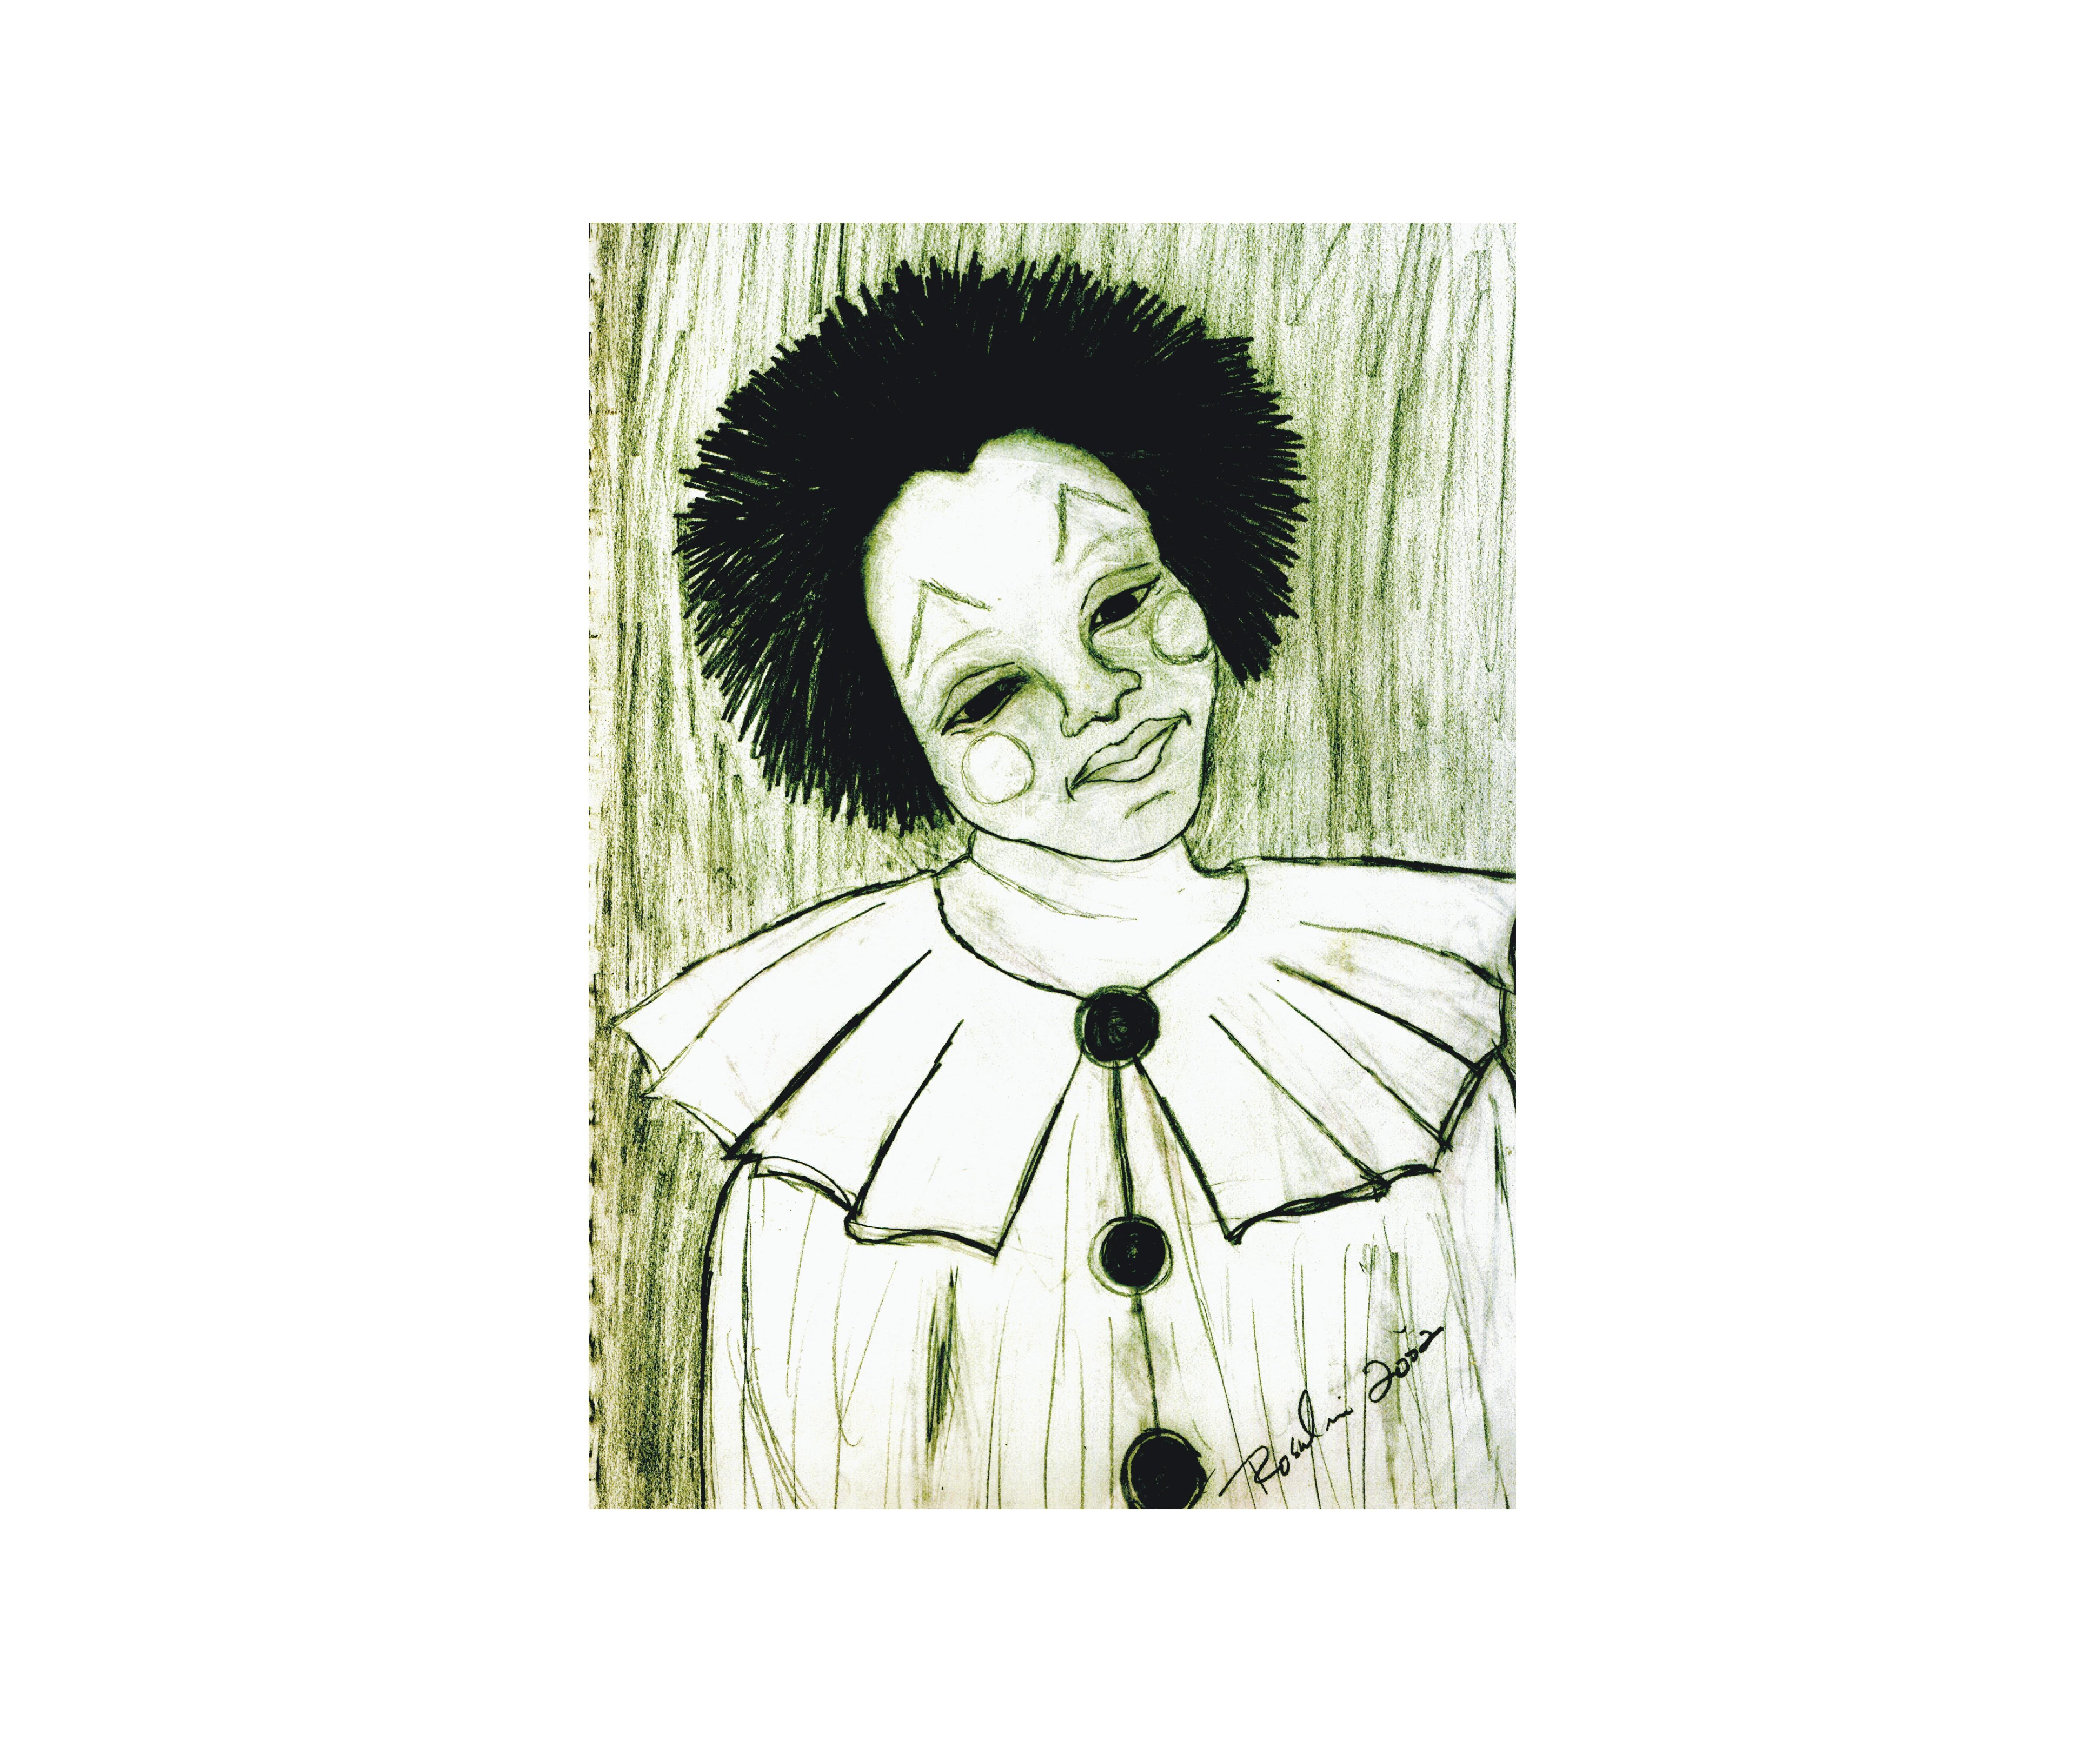 https://0201.nccdn.net/1_2/000/000/0dc/5ac/clown_01.jpg